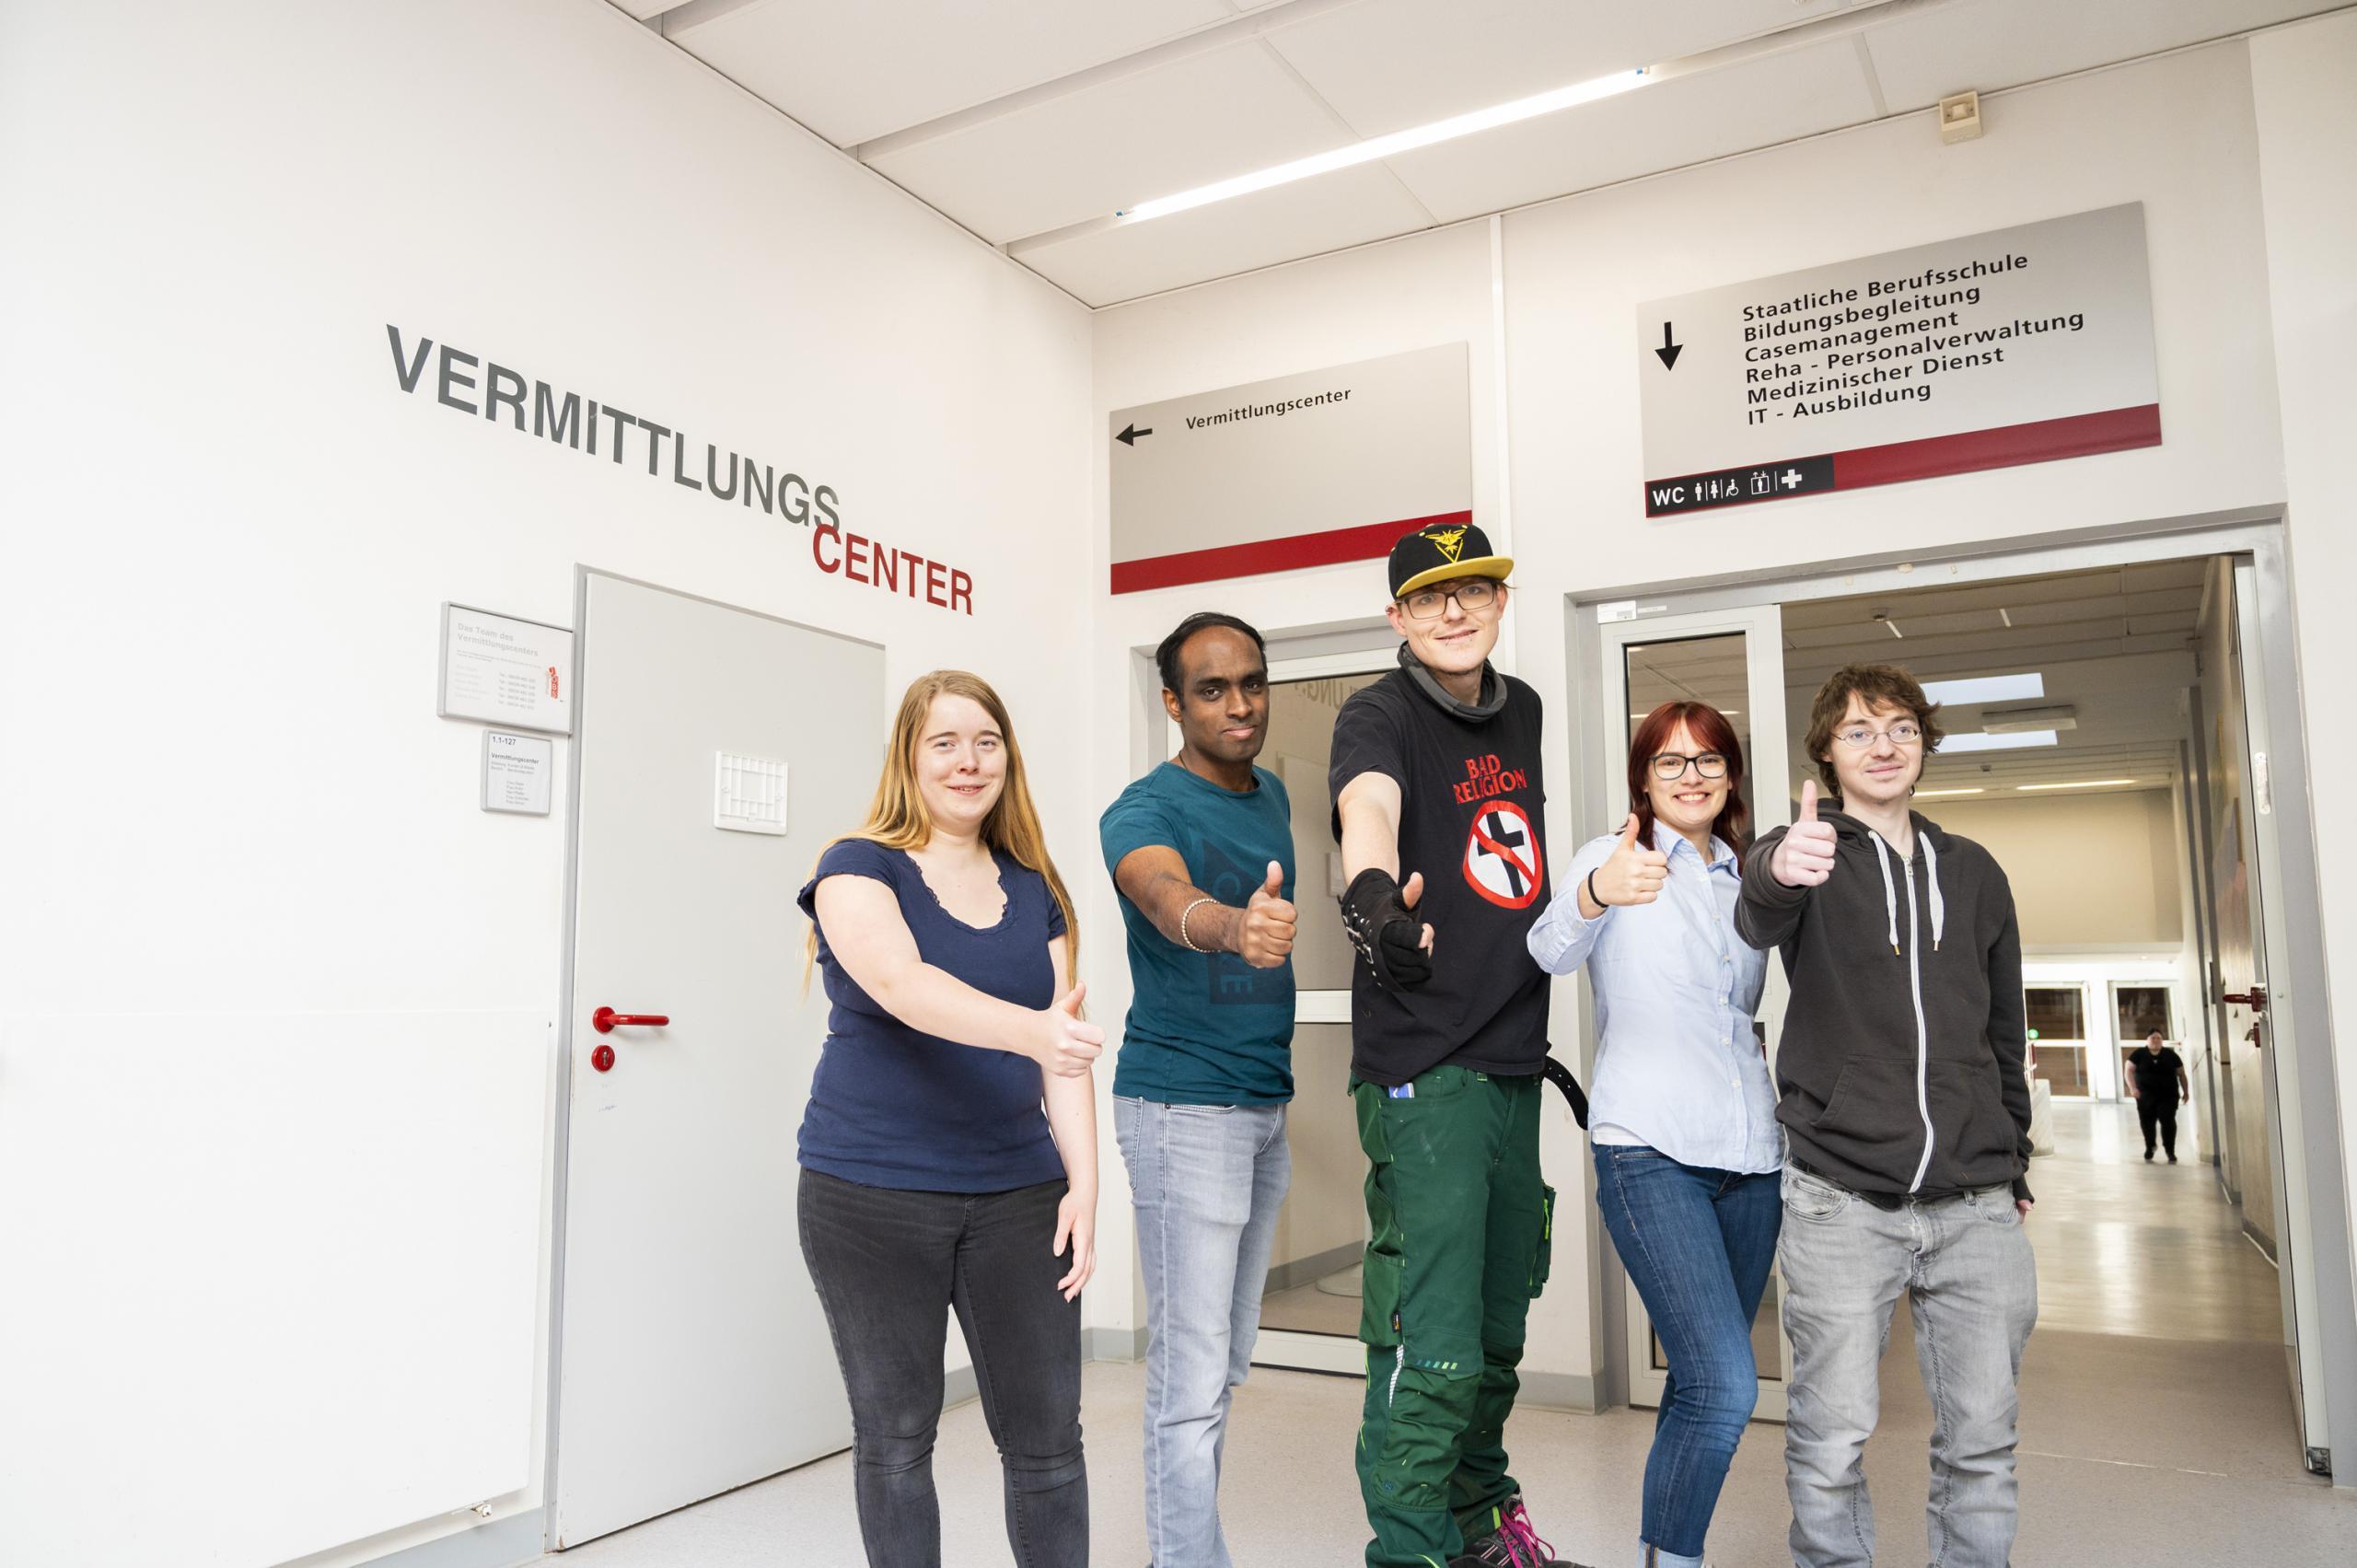 Vermittlungscenter des bbw Südhessen - Vermittlung Fachkräfte für Unternehmen